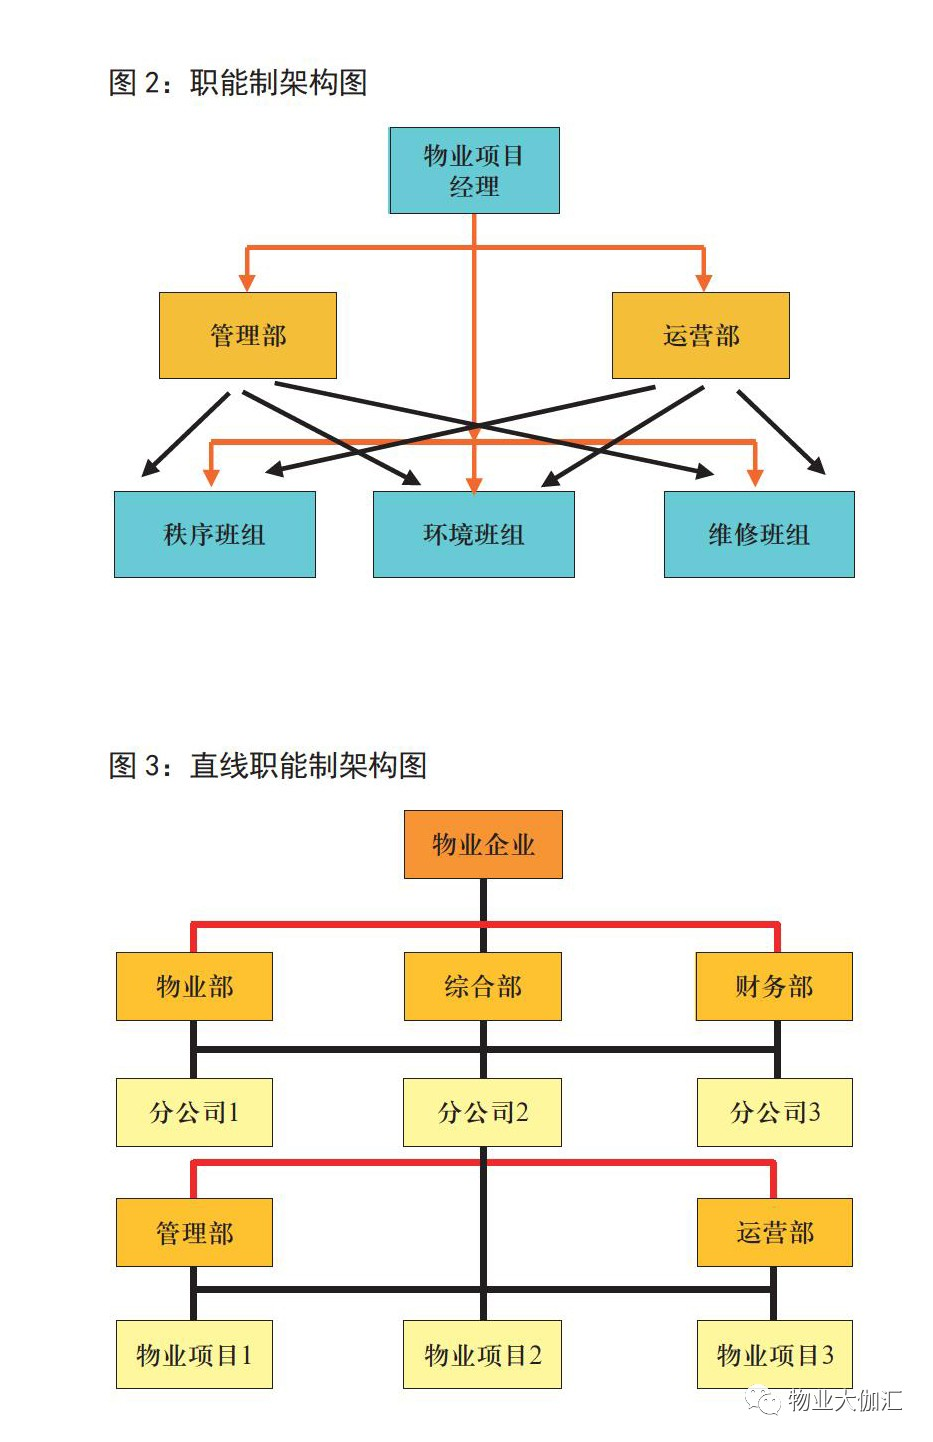 物业服务企业组织结构的项目化发展趋势图片